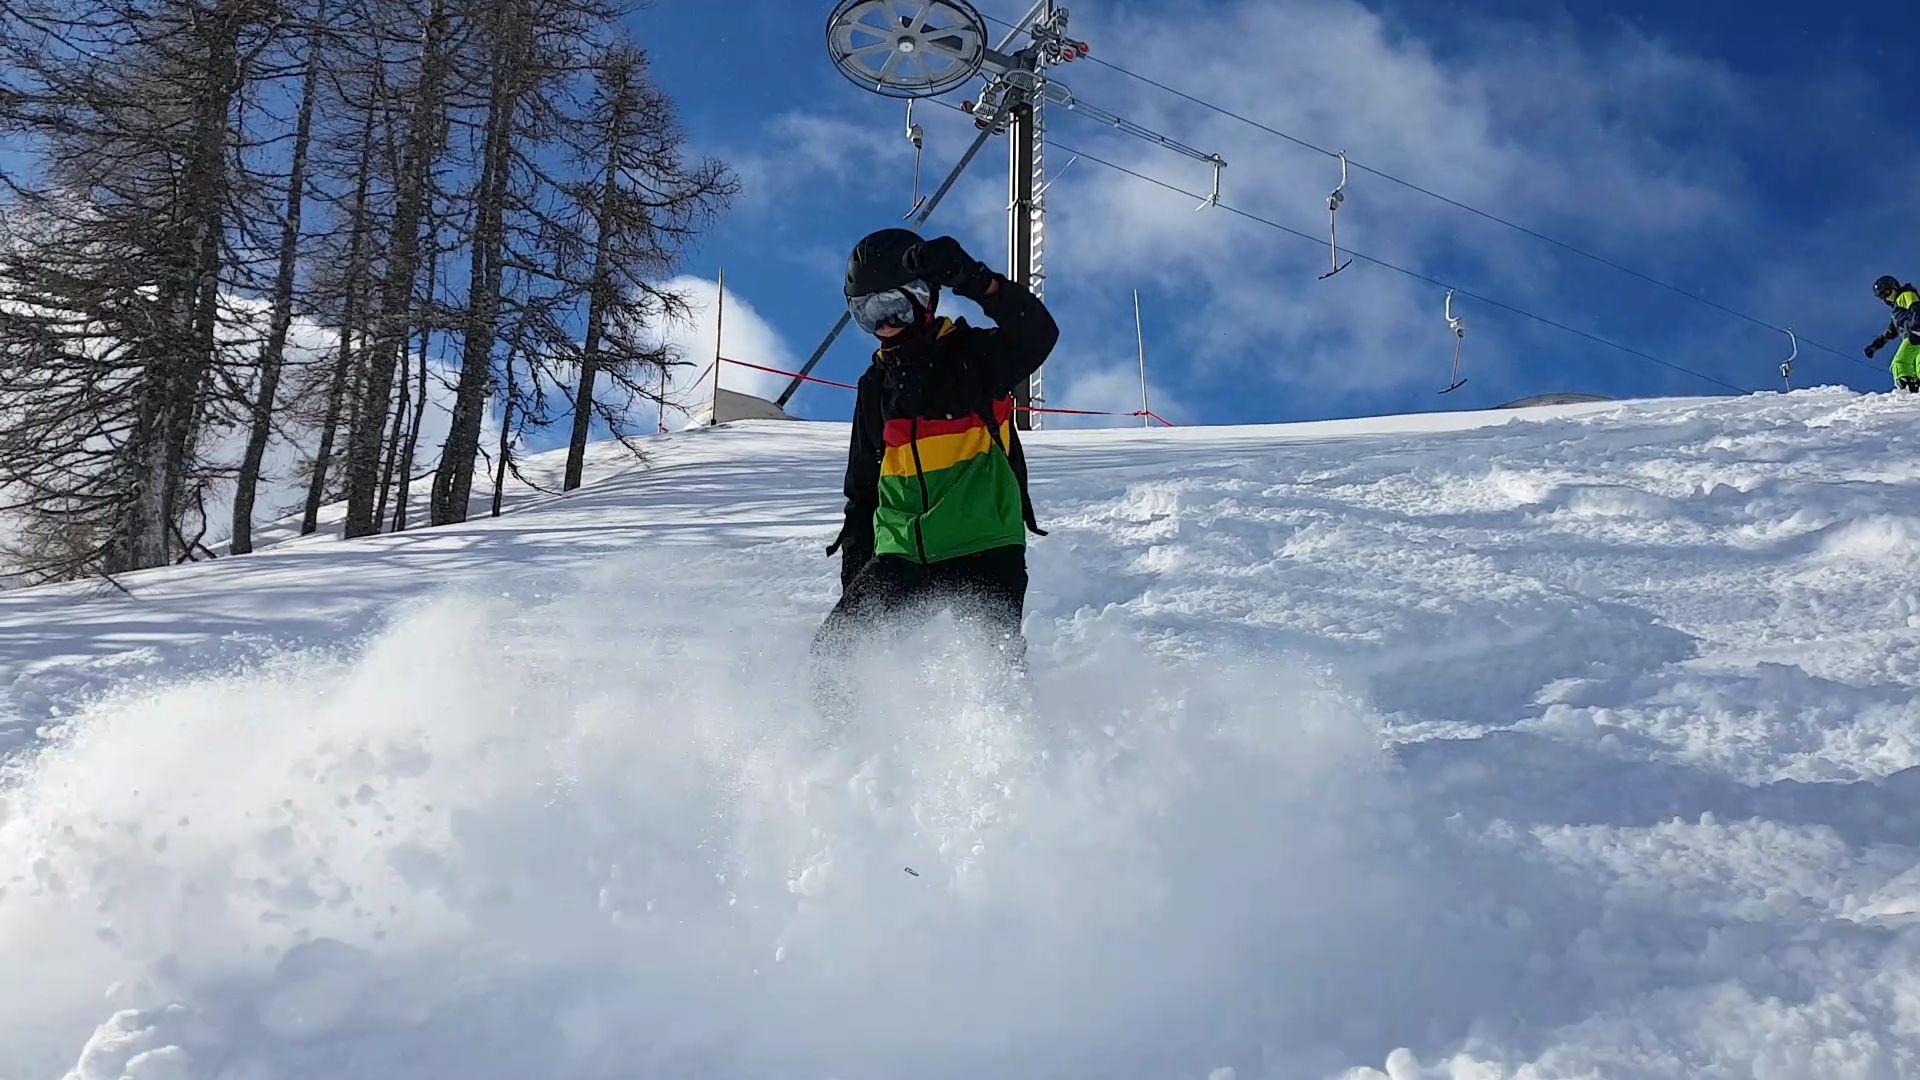 Wintersportwoche Zauchensee 2020 - Copyright SMS Gars